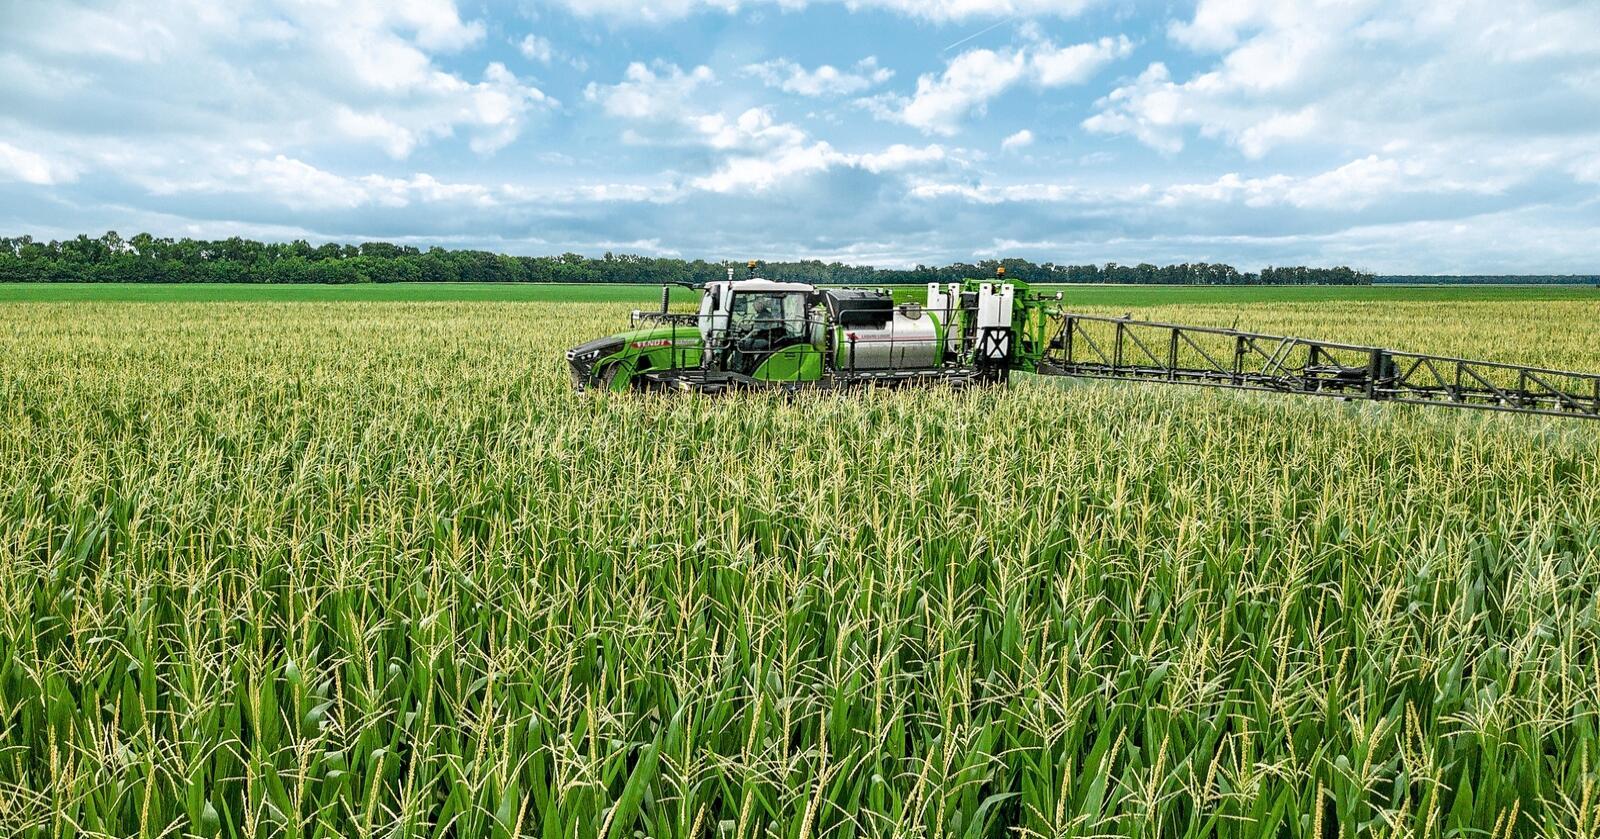 Fendt: Fendt vil ha sin del av markedet for store, selvgående sprøyter og lanserer Rogator 900. Mange av komponentene som motoren og hytta, er hentet fra Fendt traktorer.